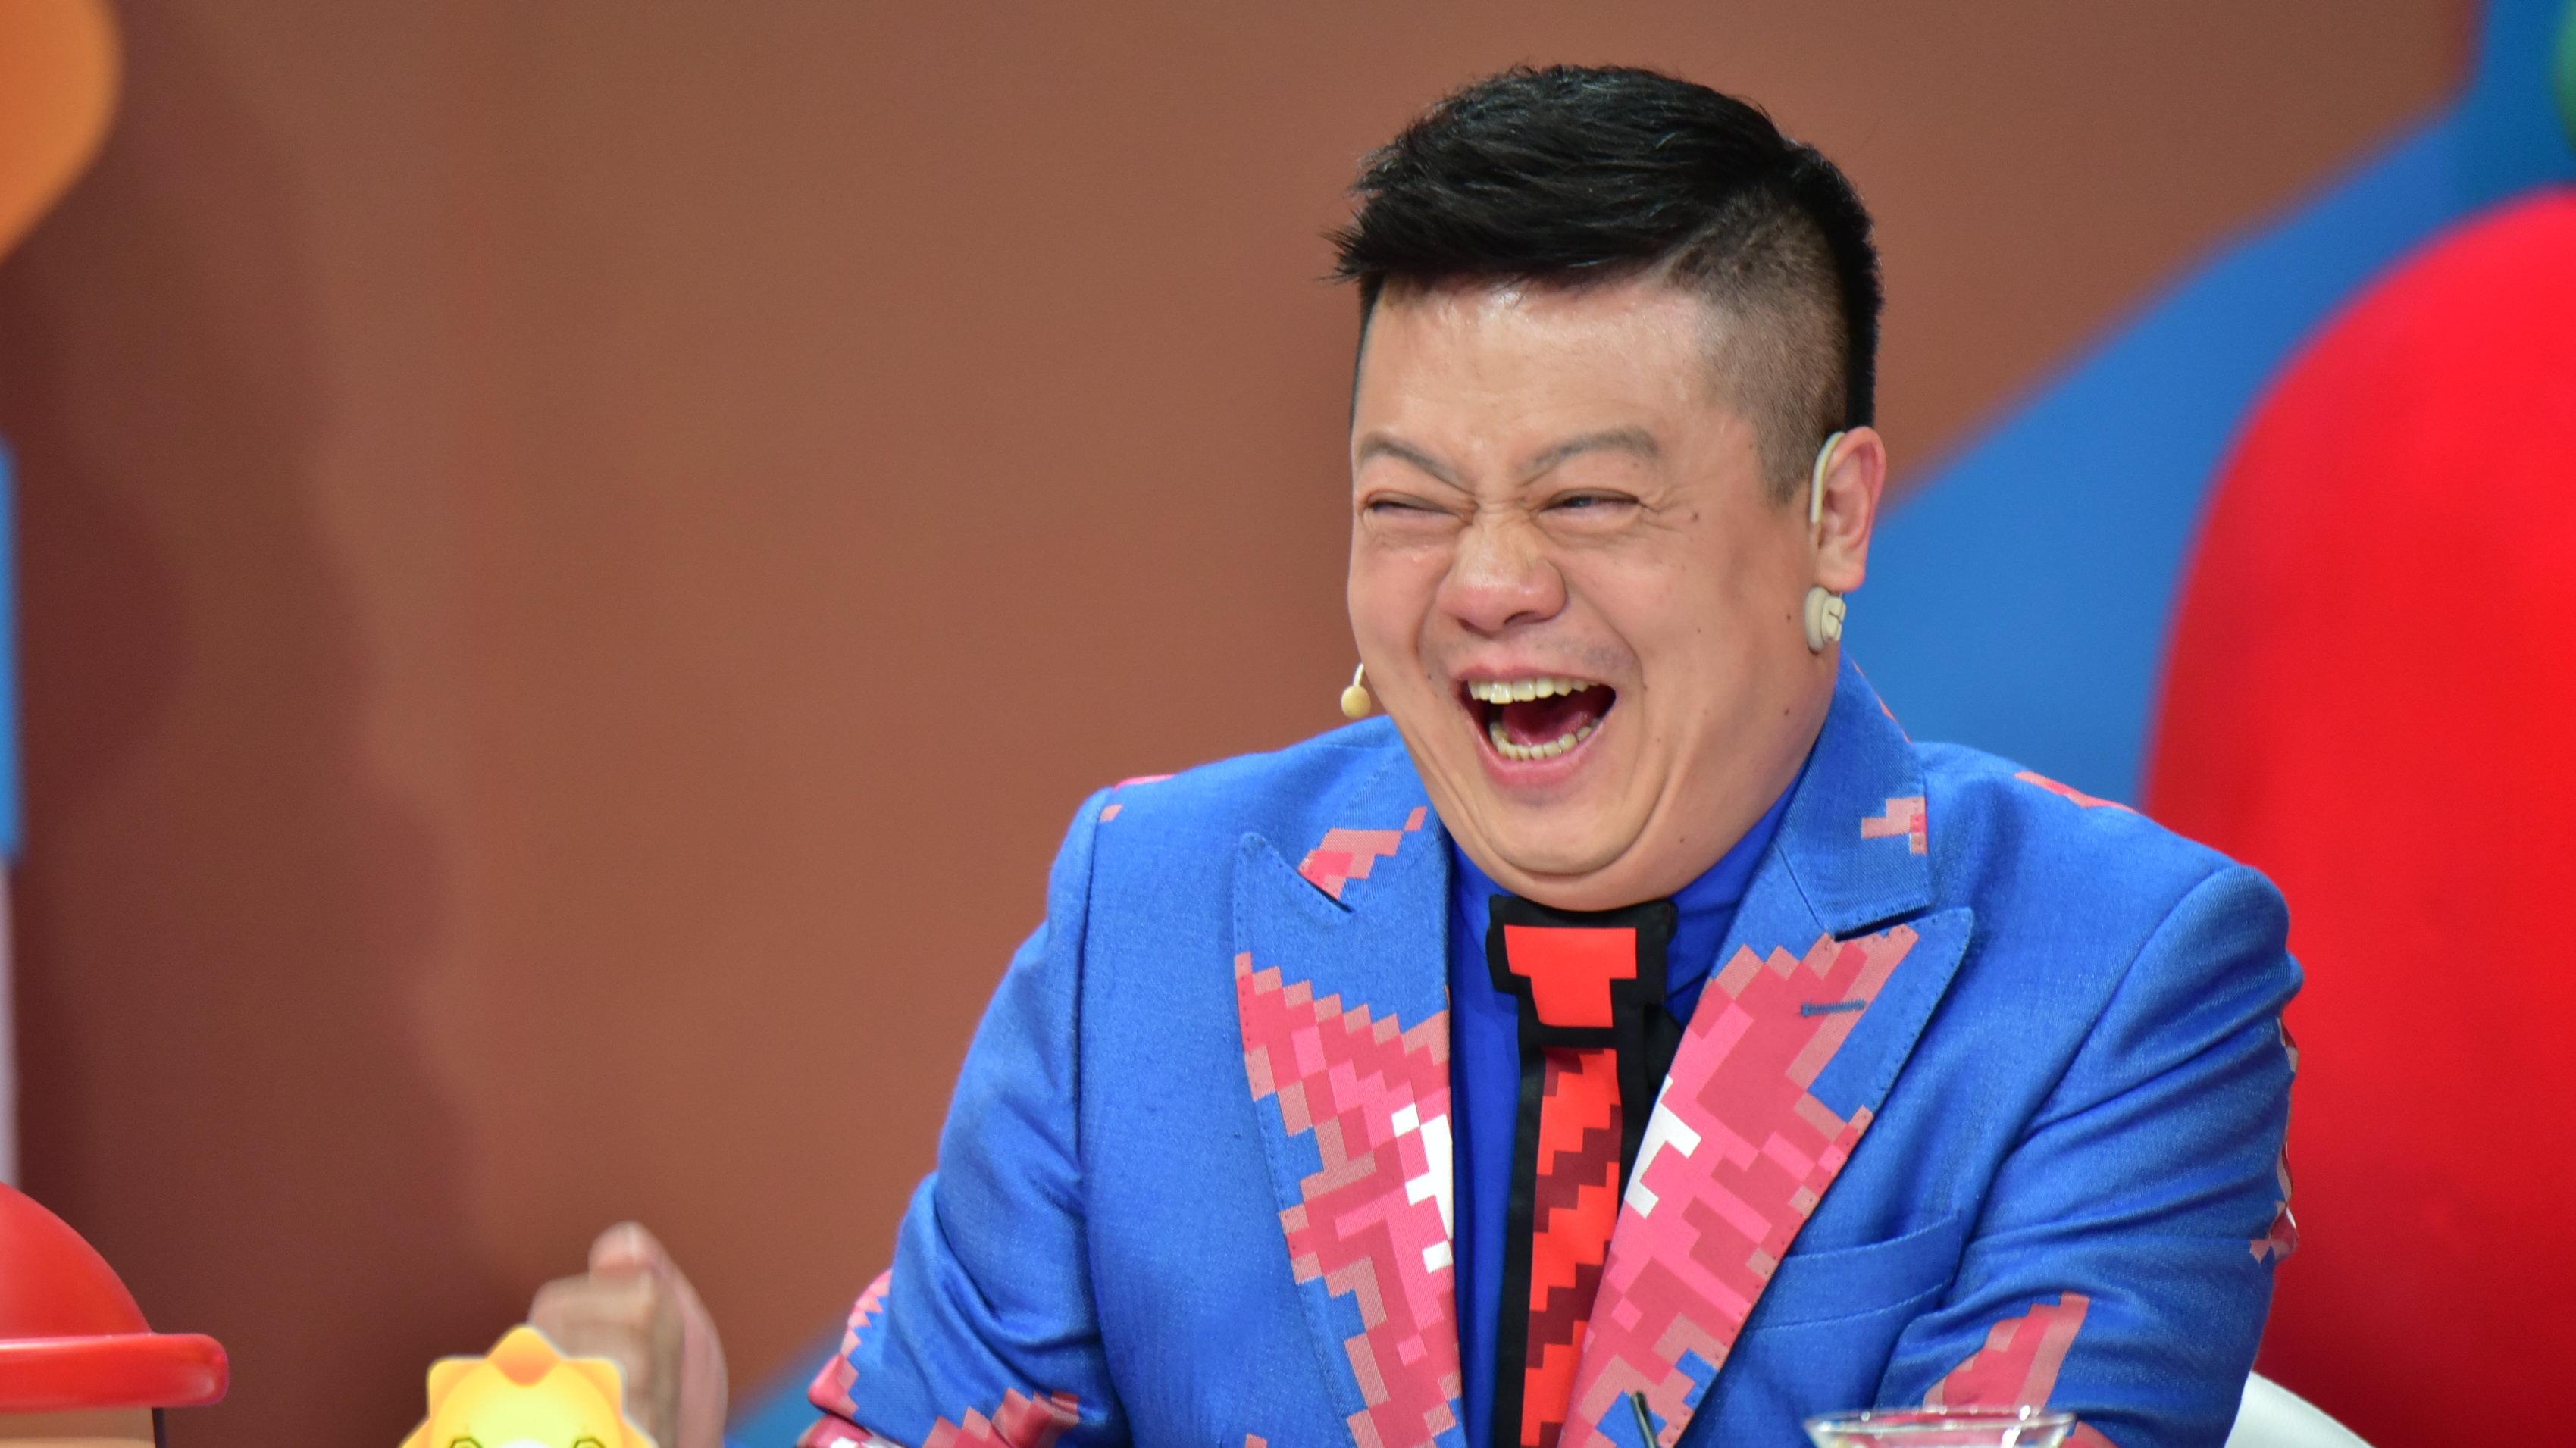 第12期:收官!蔡康永柳岩5位明星回归复仇,马东被坑全场爆笑